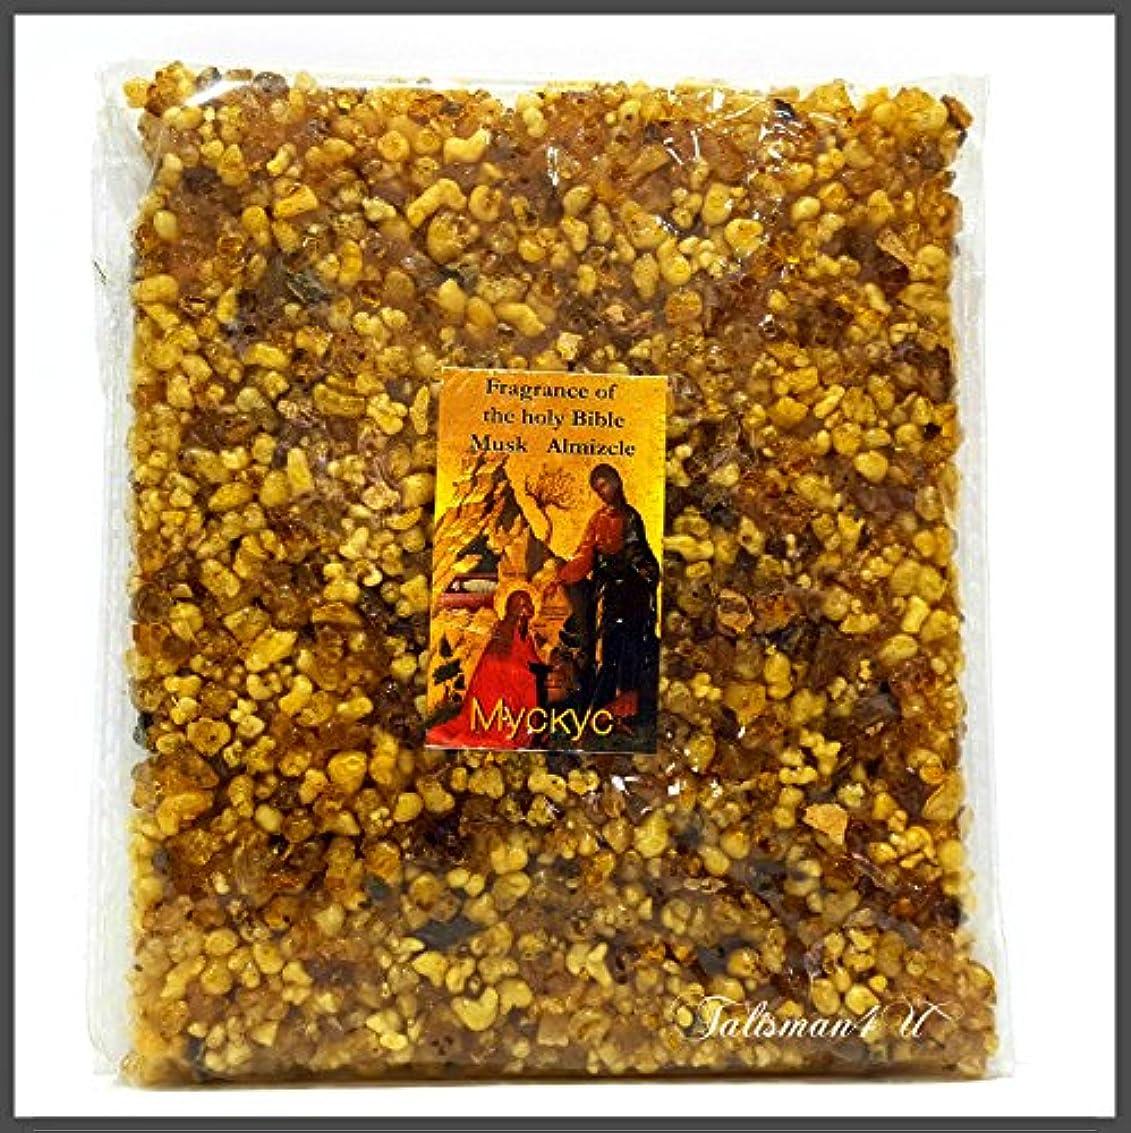 狂気間に合わせ陰気ムスクエルサレムIncense樹脂Aromatic Almizcle Frankincense of the Holy Land 3.5 Oz/100 g